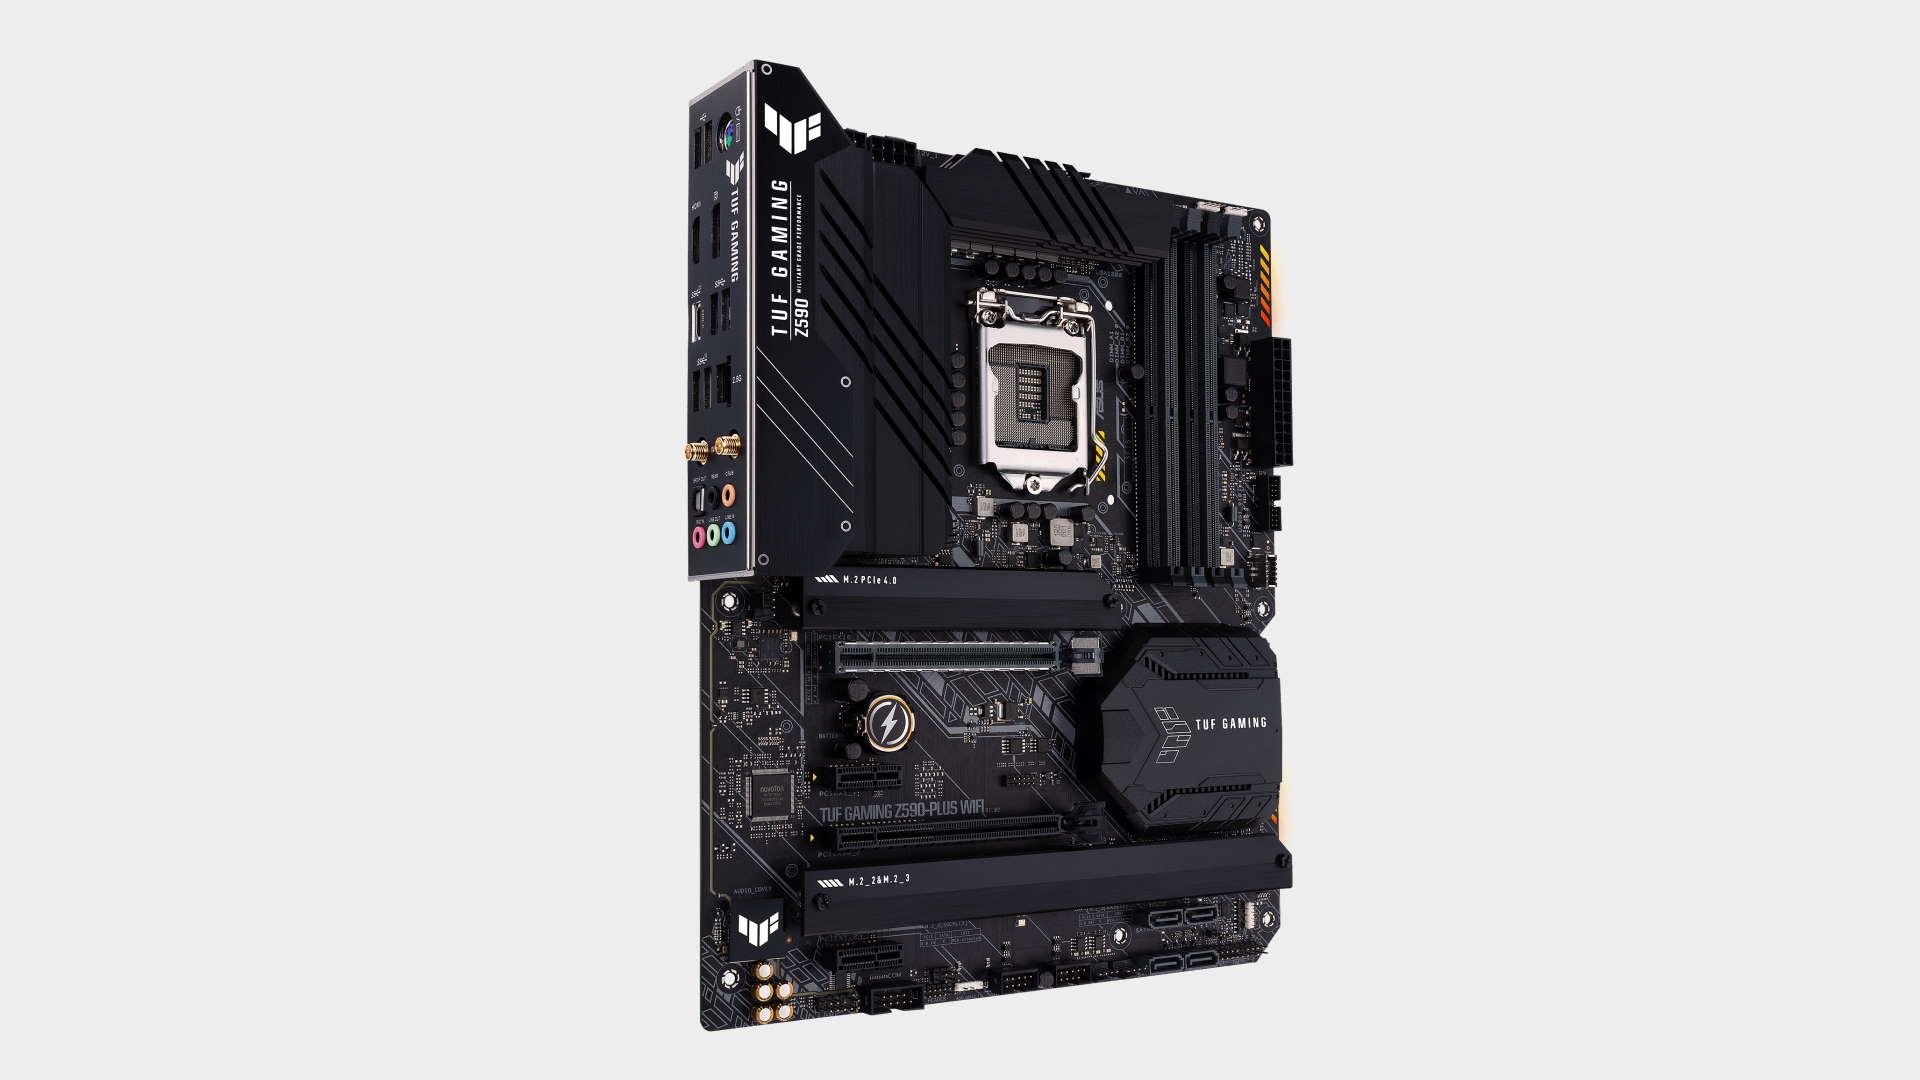 Asus TUF Gaming Z590 Plus gaming motherboard